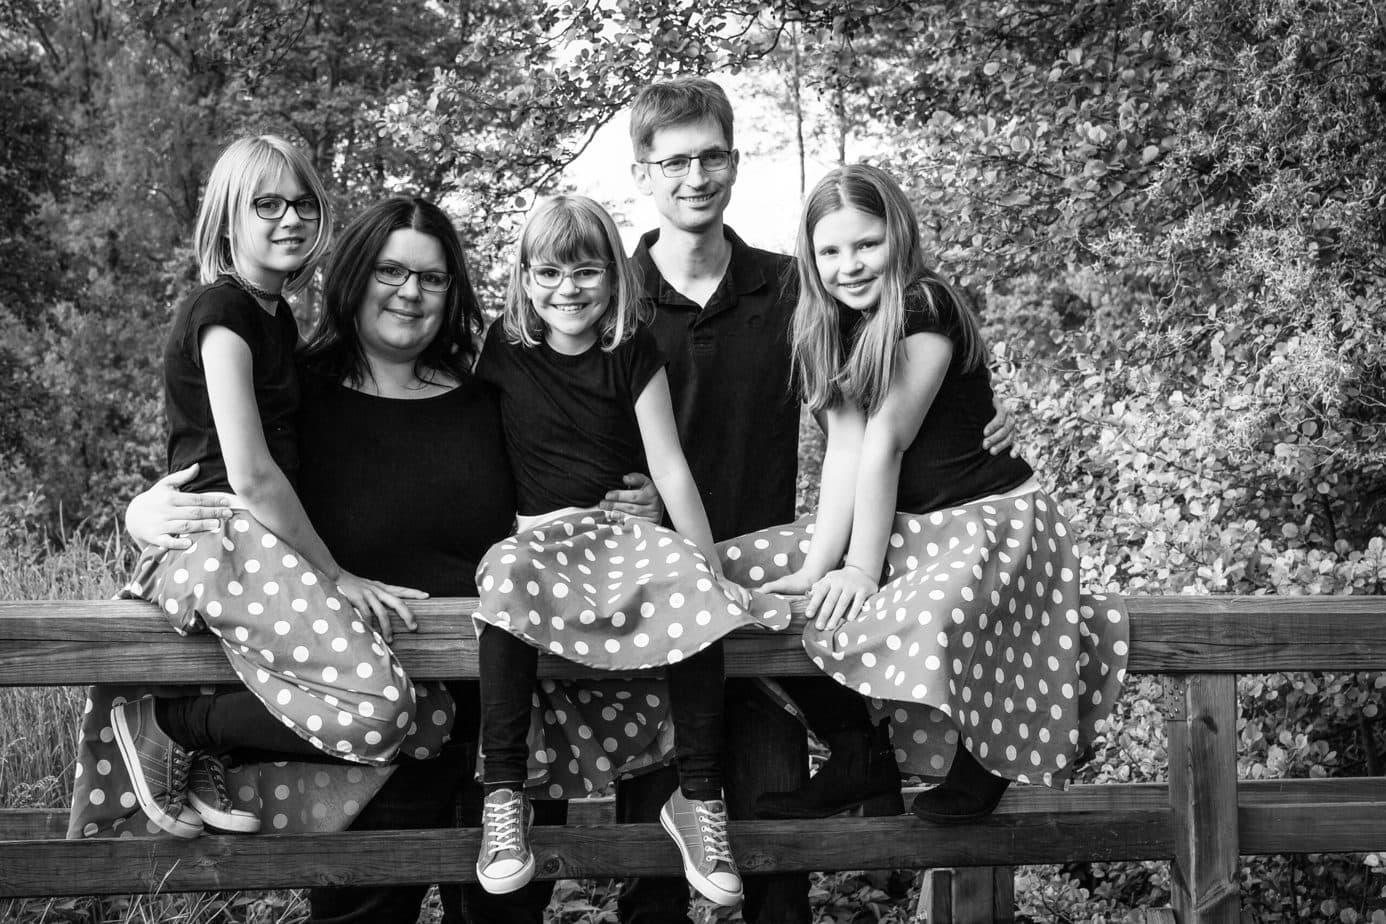 Familienfotografie schwarz-weiß